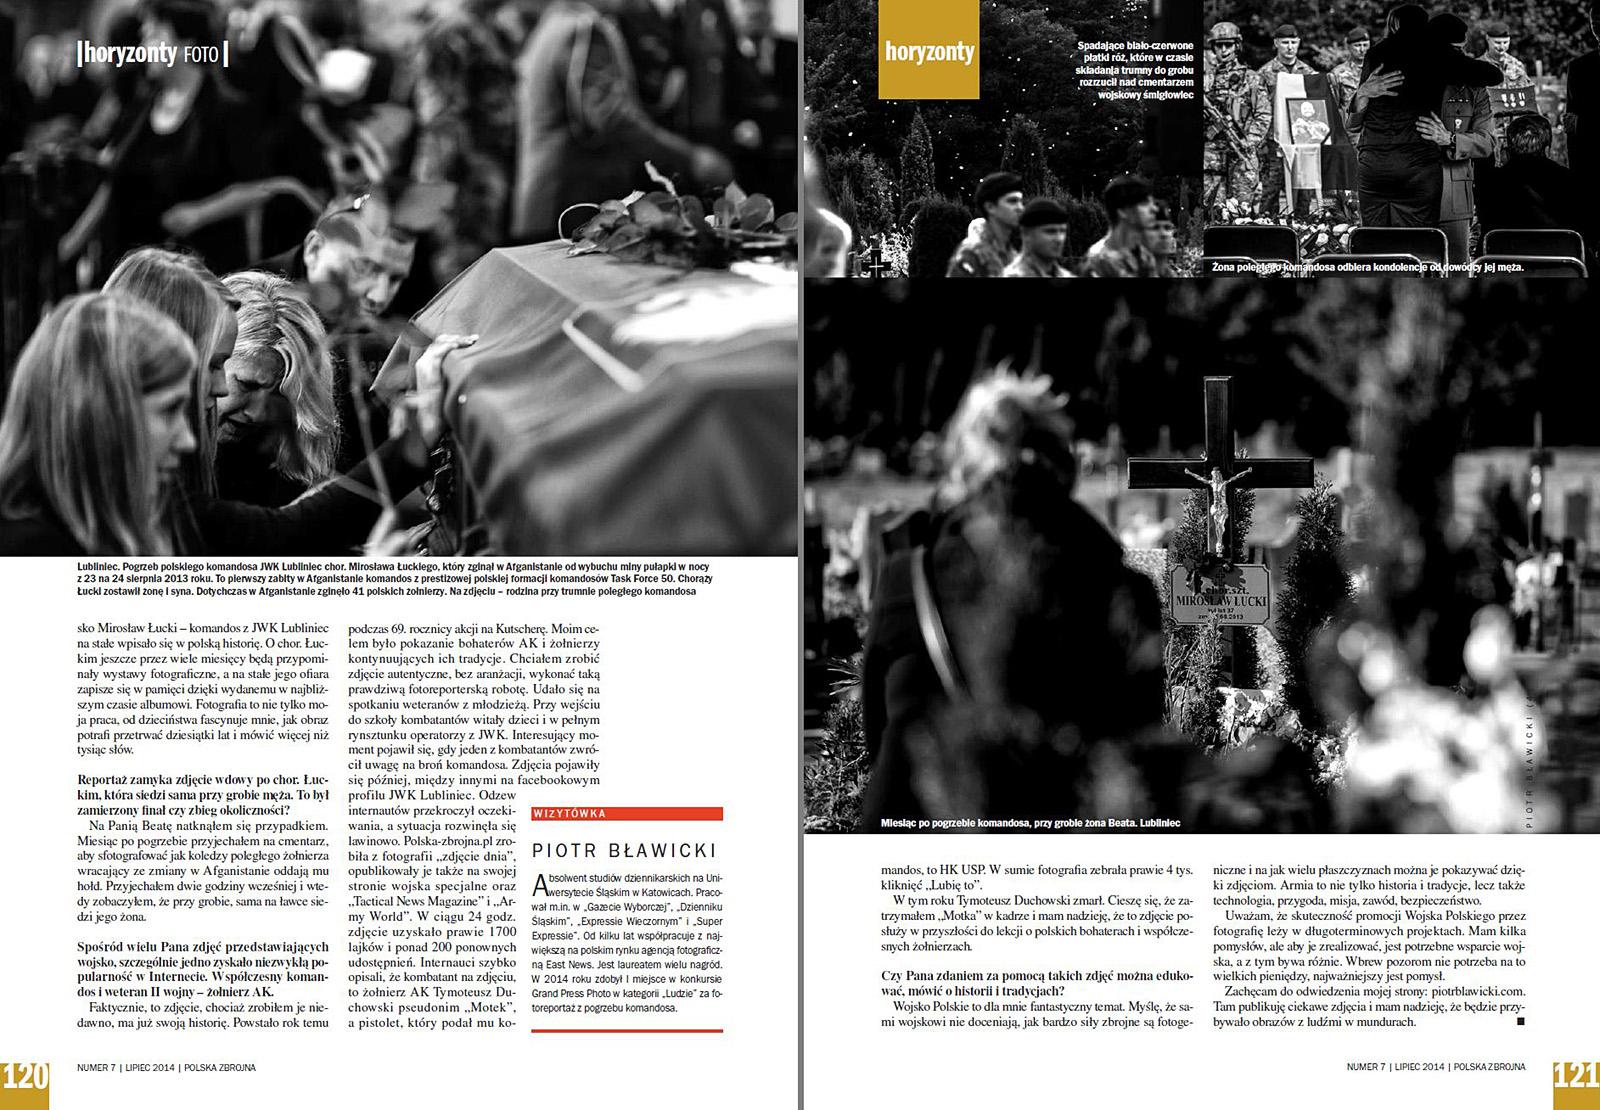 miesięcznik POLSKA ZBROJNA nr 7/2014 r., s. 120-121 - fotoreportaż z pogrzebu komandosa JWK